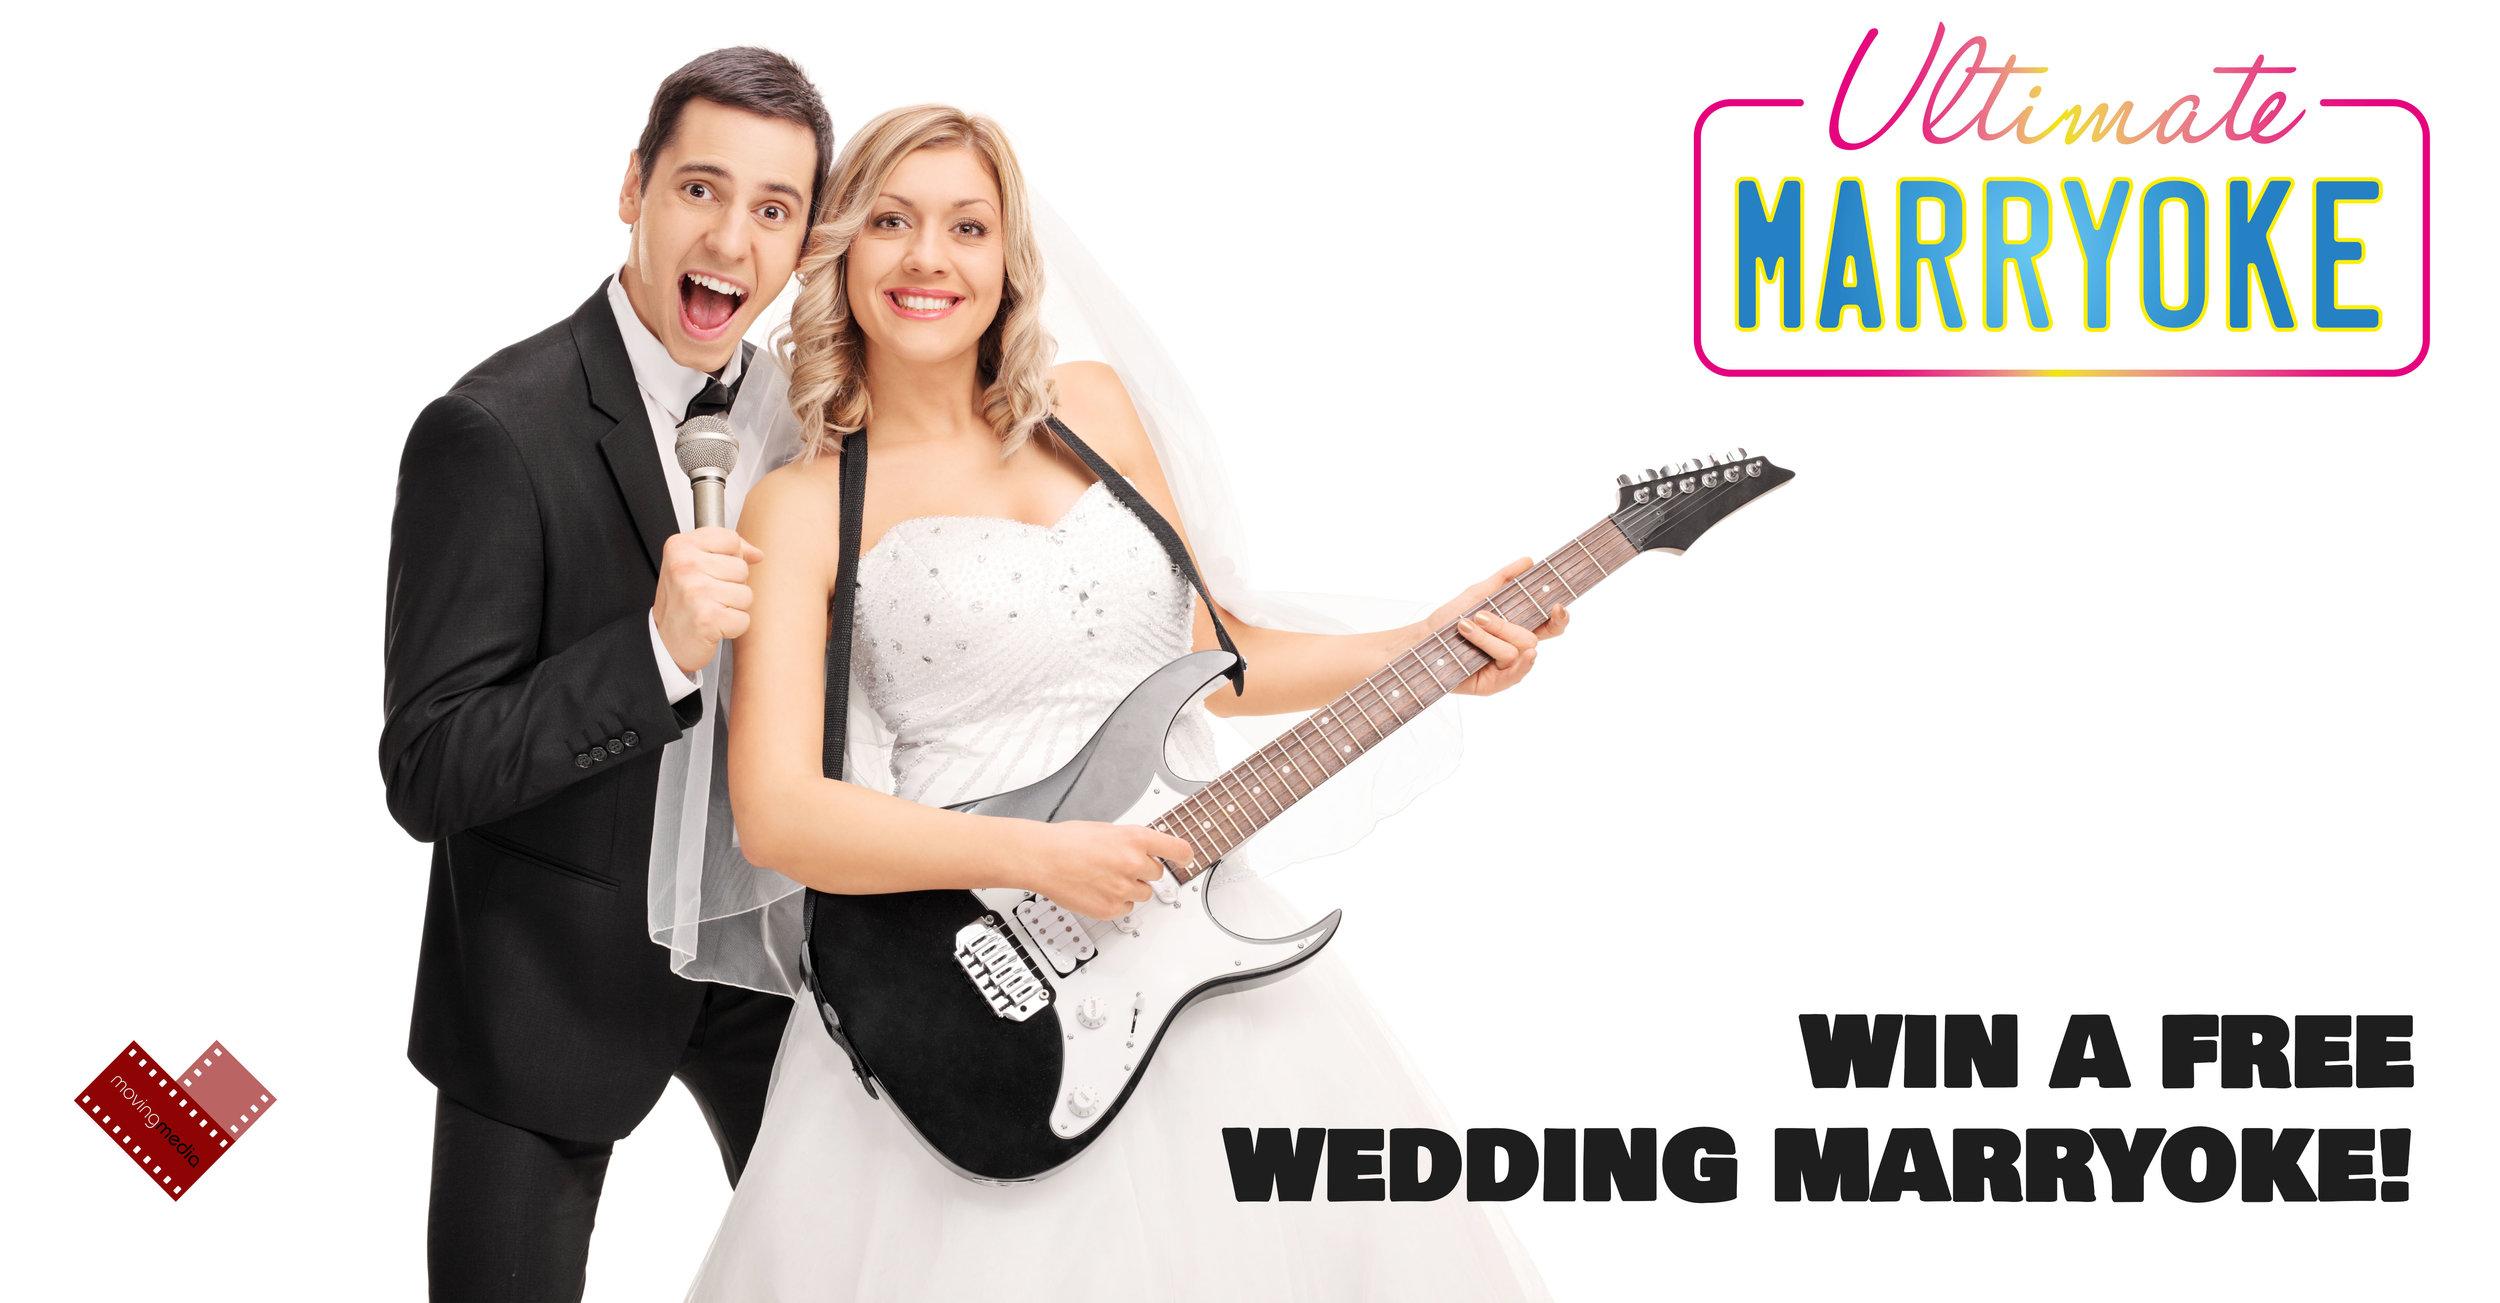 FREE Marryoke offer 2018.jpg